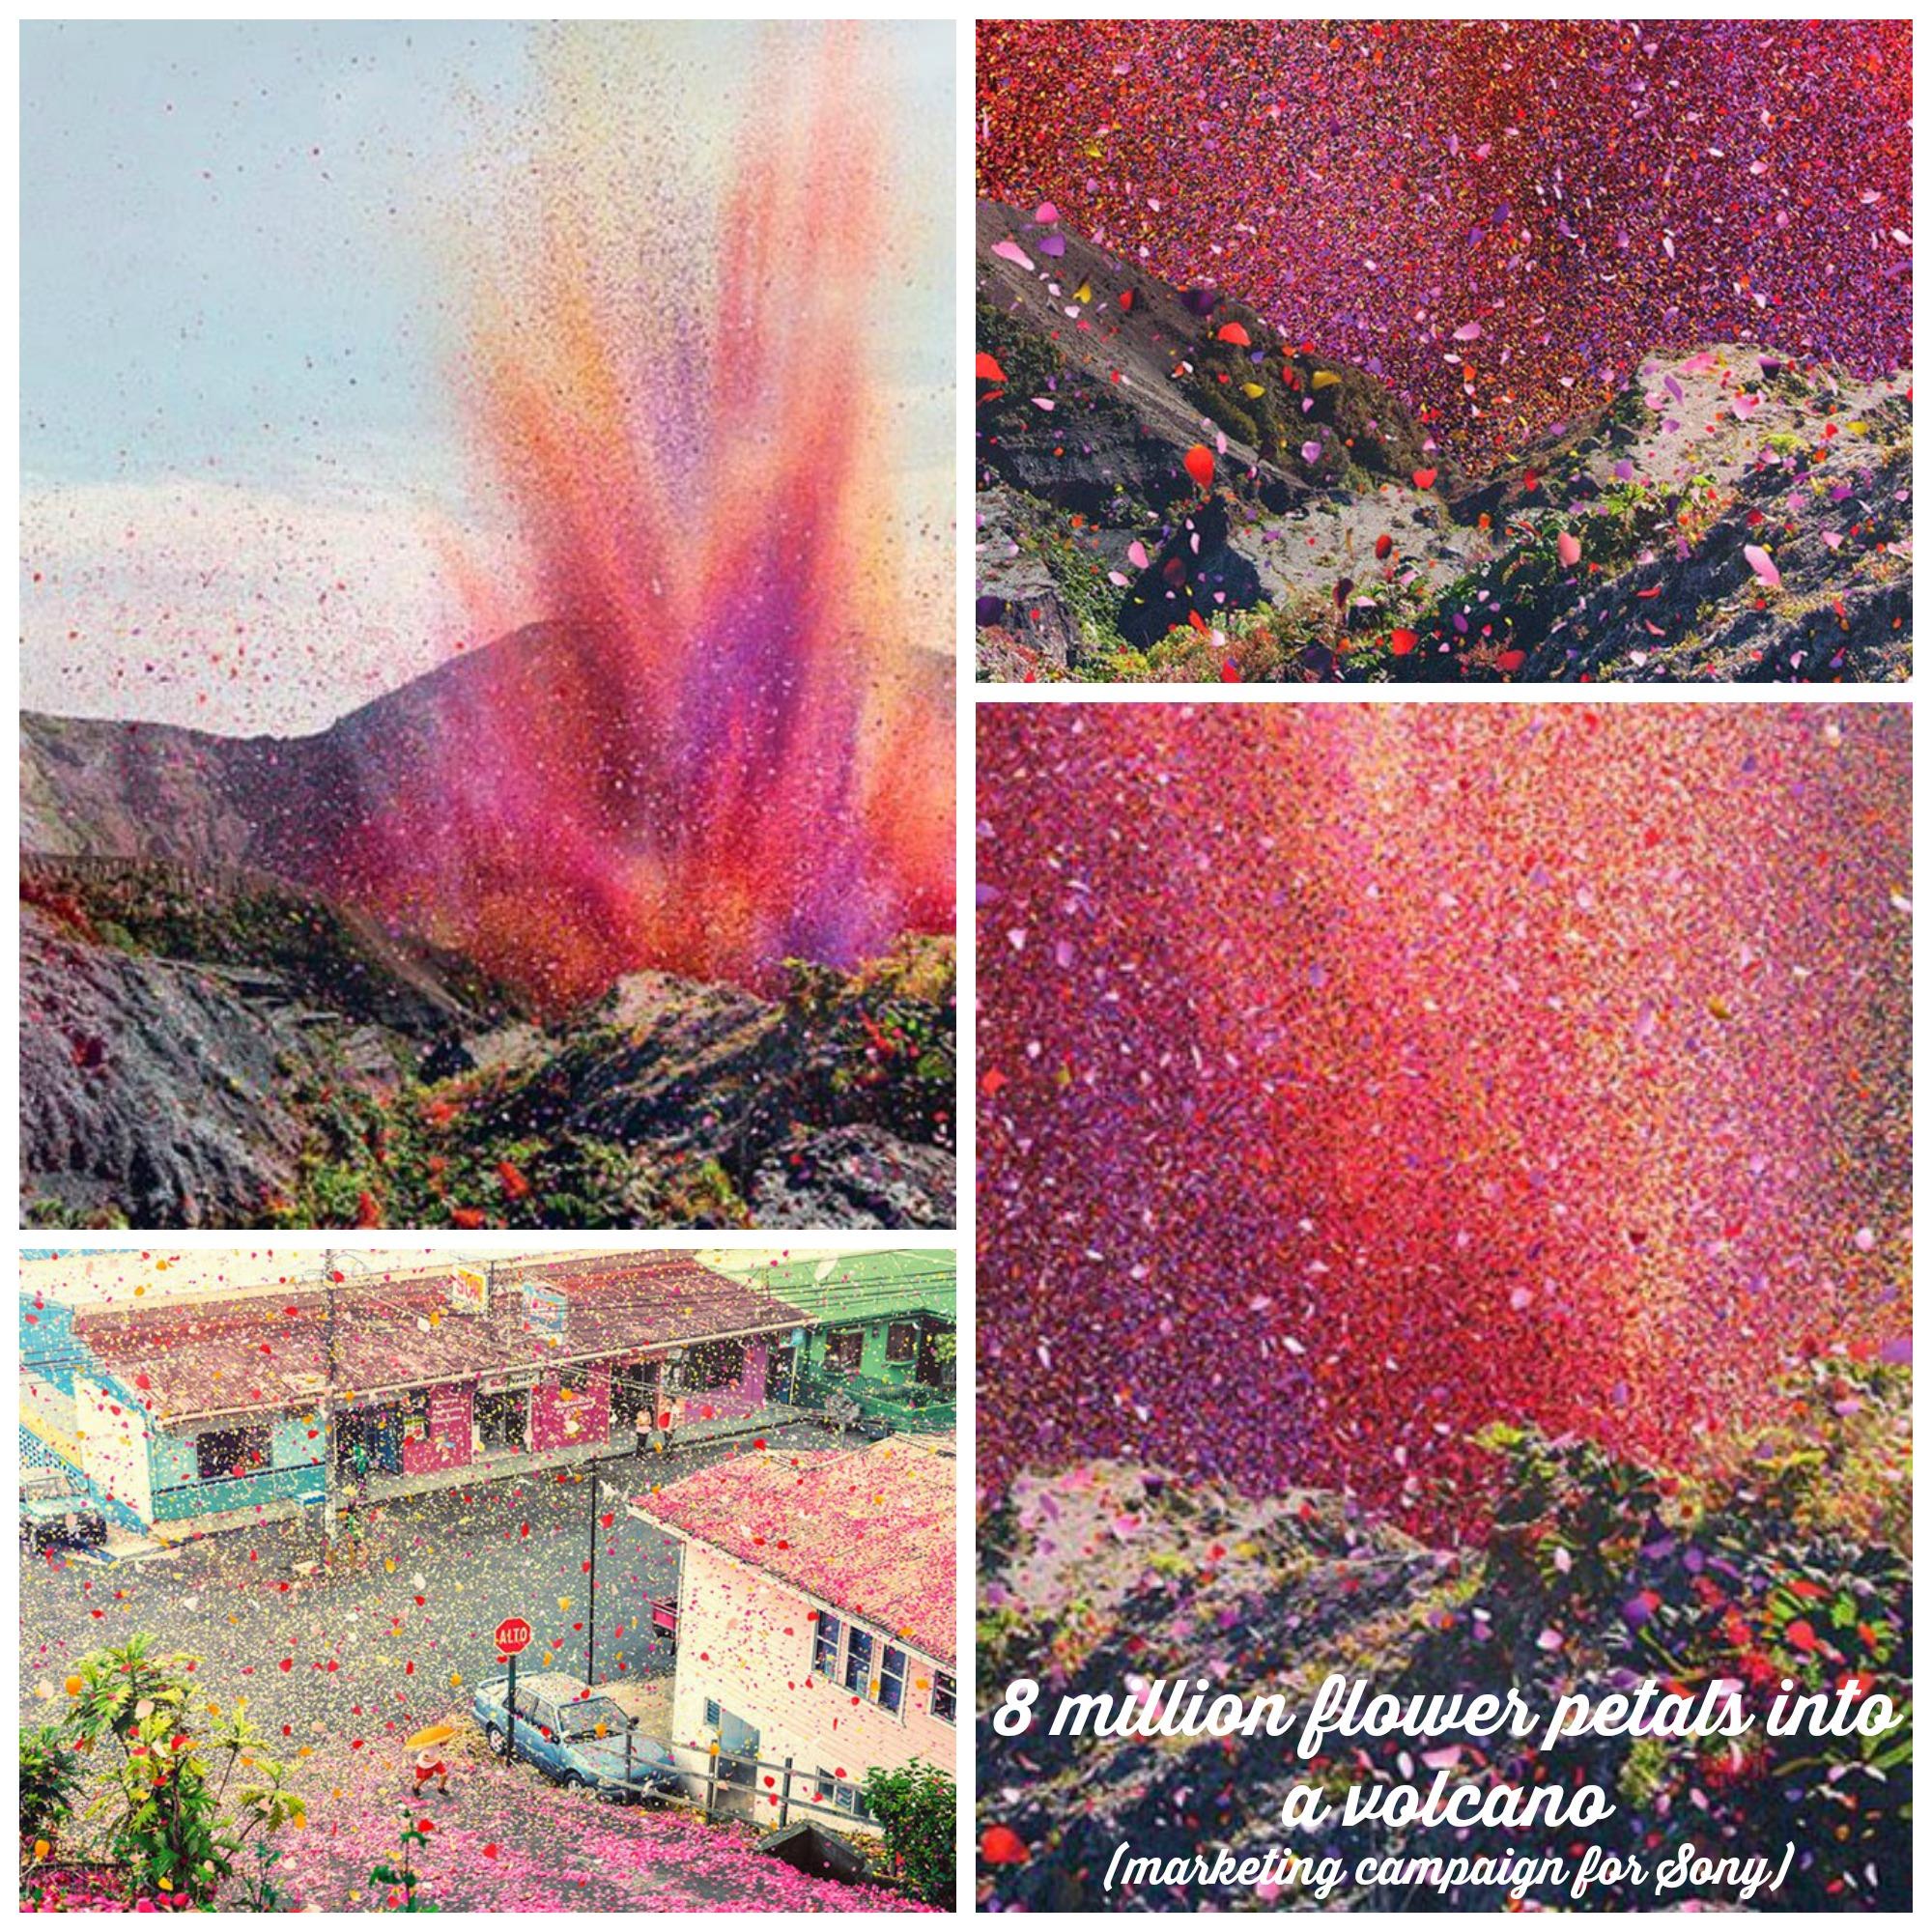 petals into volcano